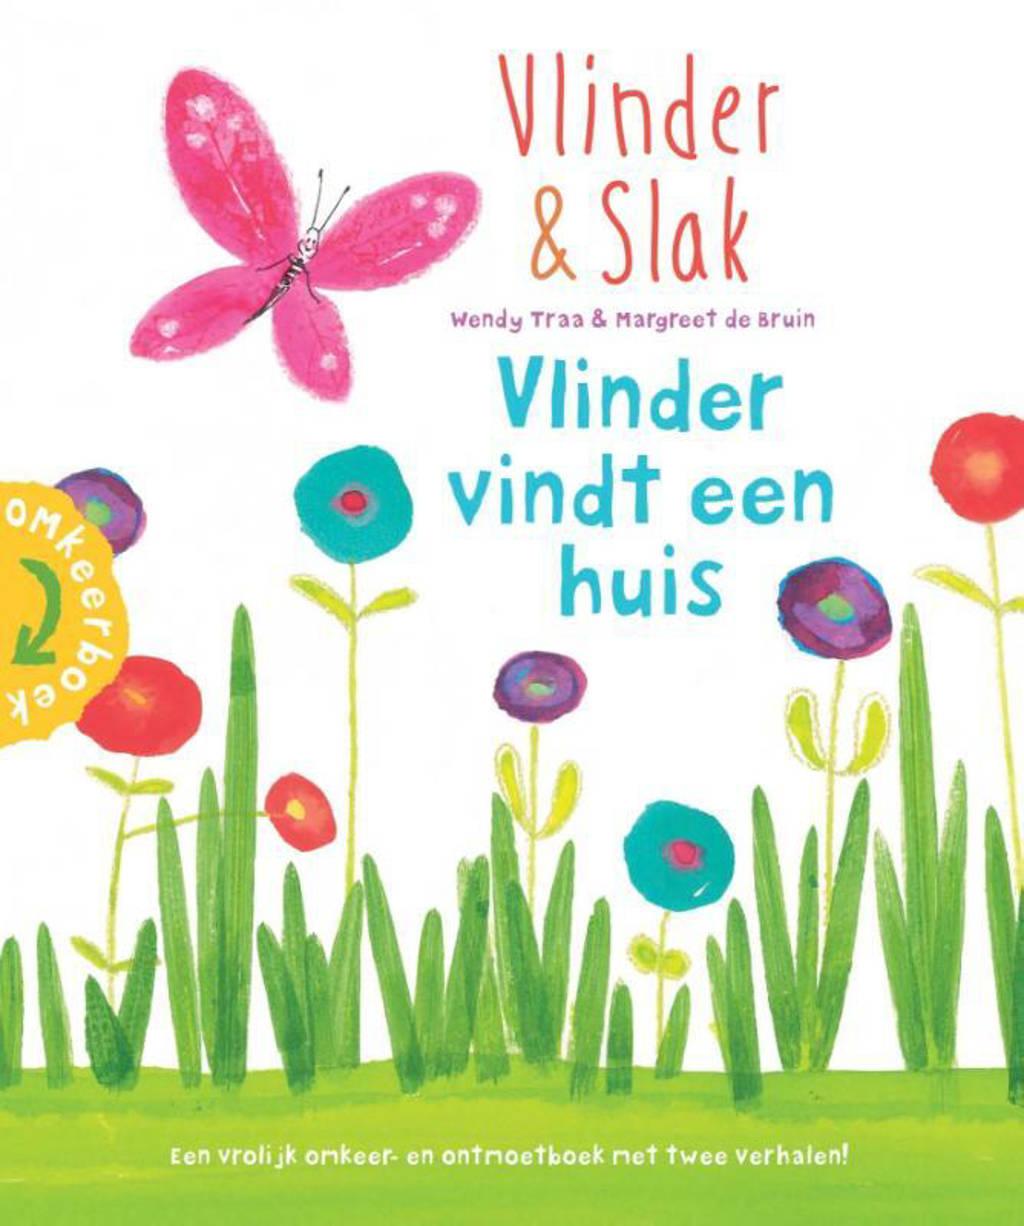 Vlinder & Slak - Wendy Traa